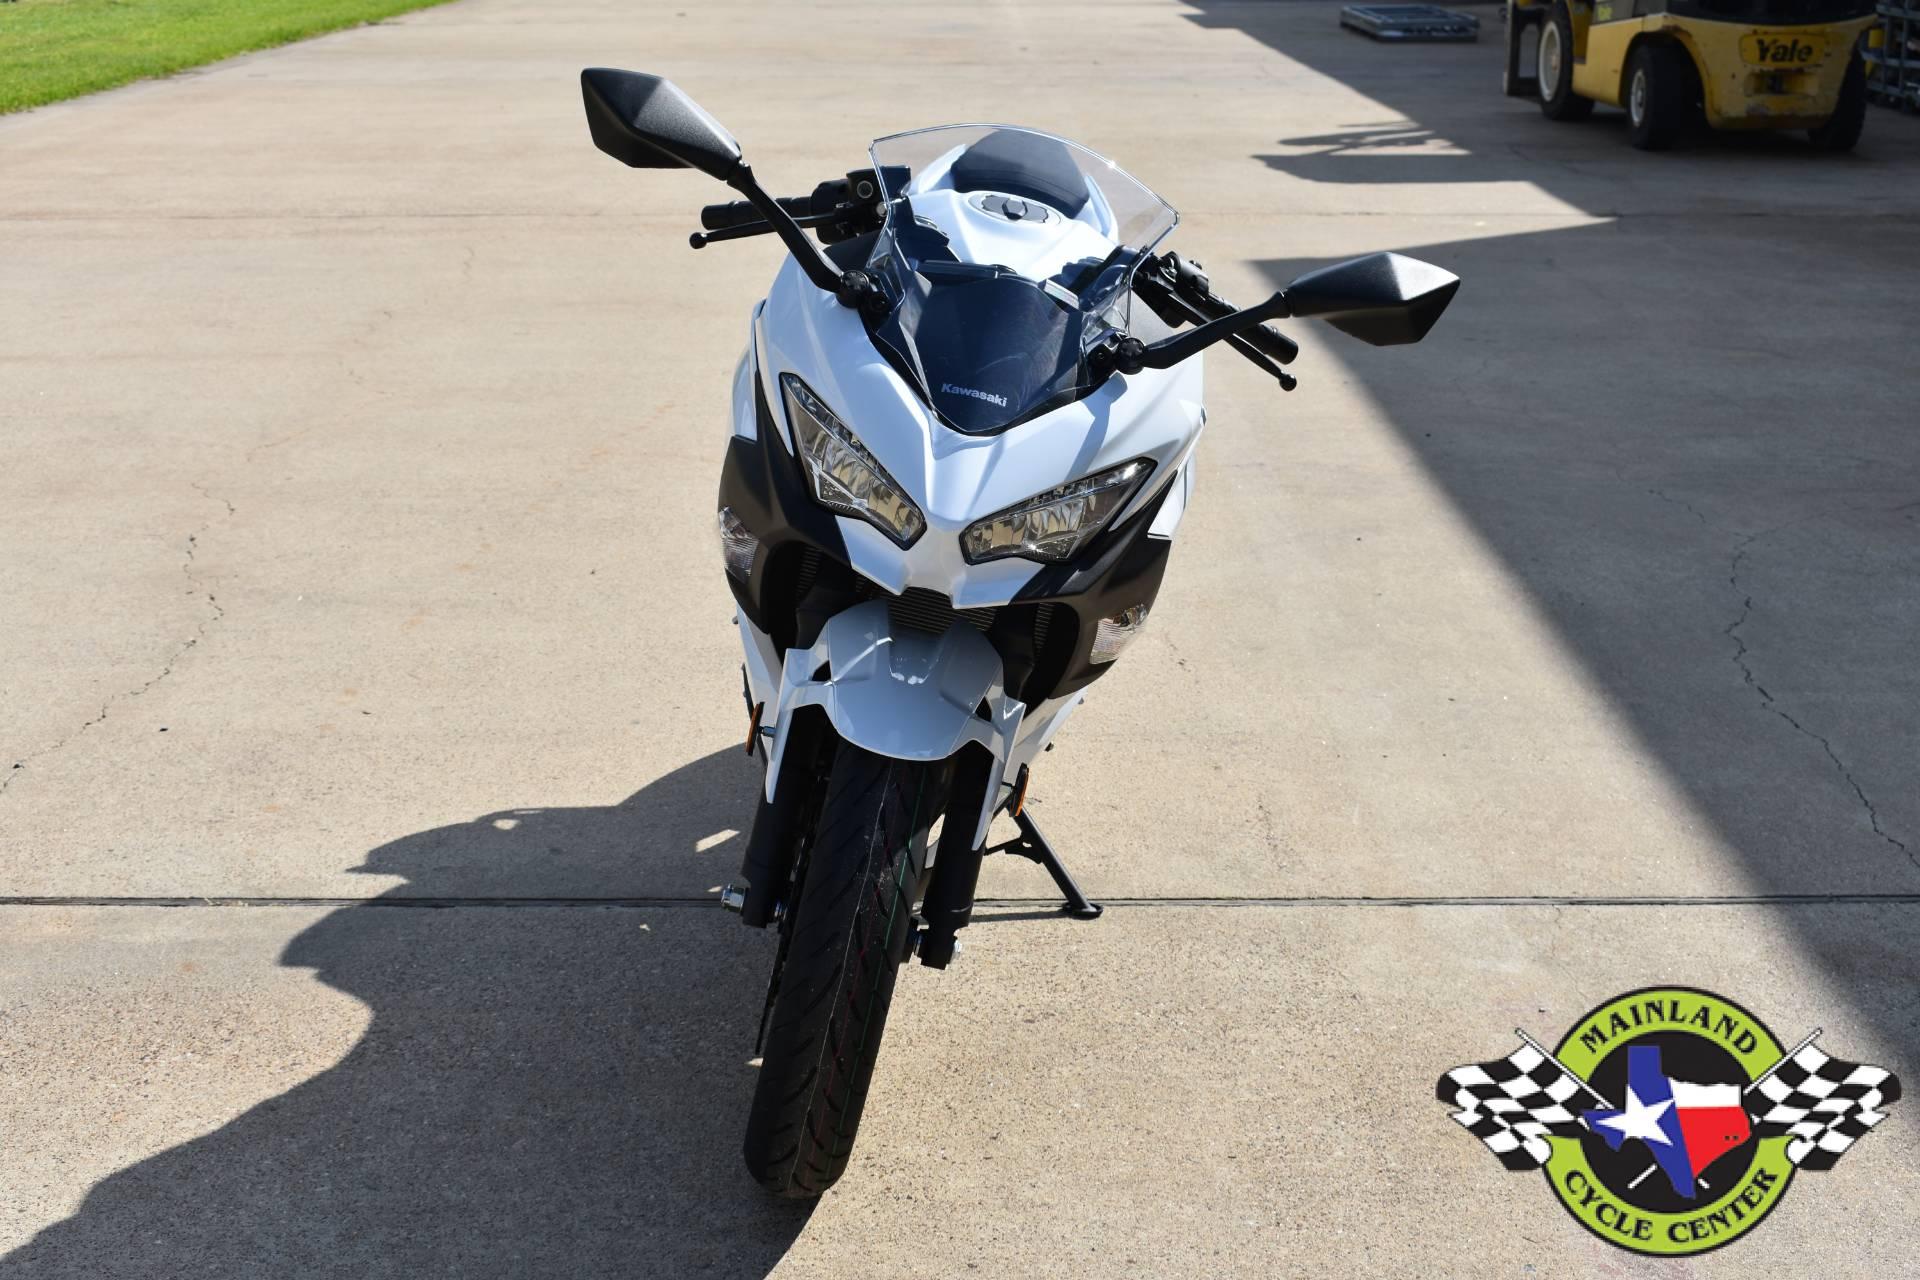 2020 Kawasaki Ninja 400 ABS 9